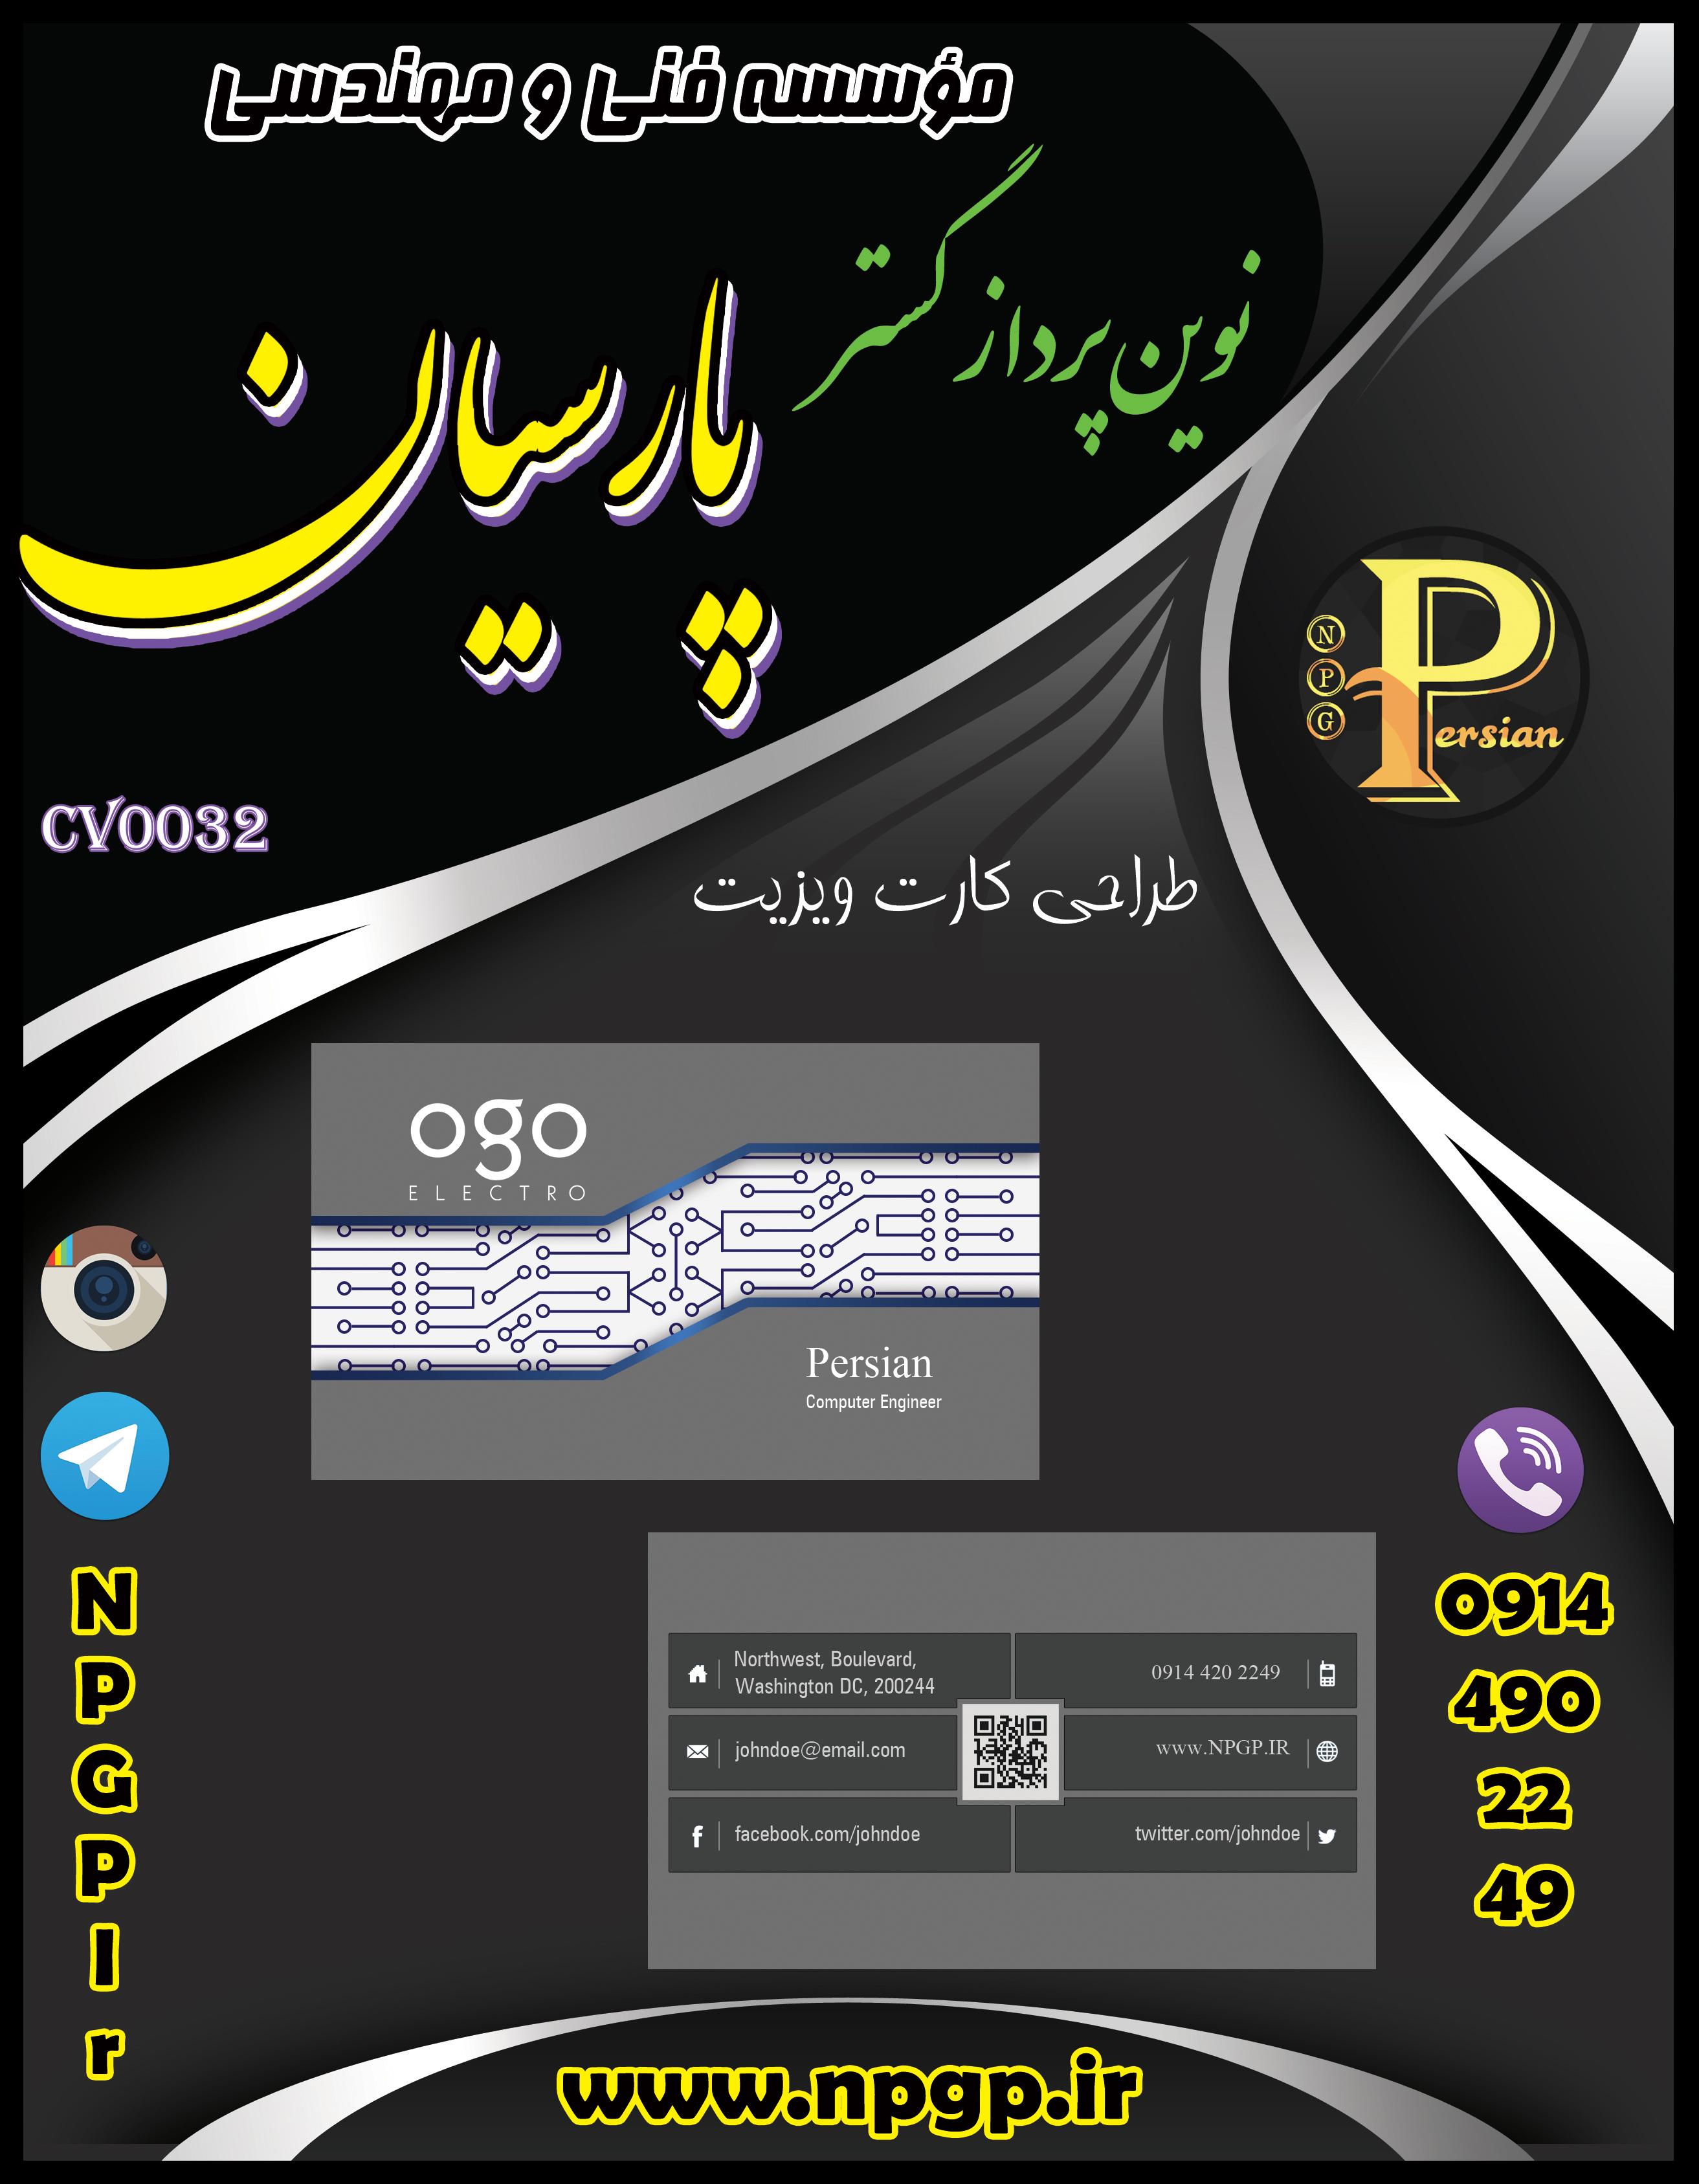 نمونه کارت ویزیت شماره 32 | طراحی کارت ویزیت اختصاصی